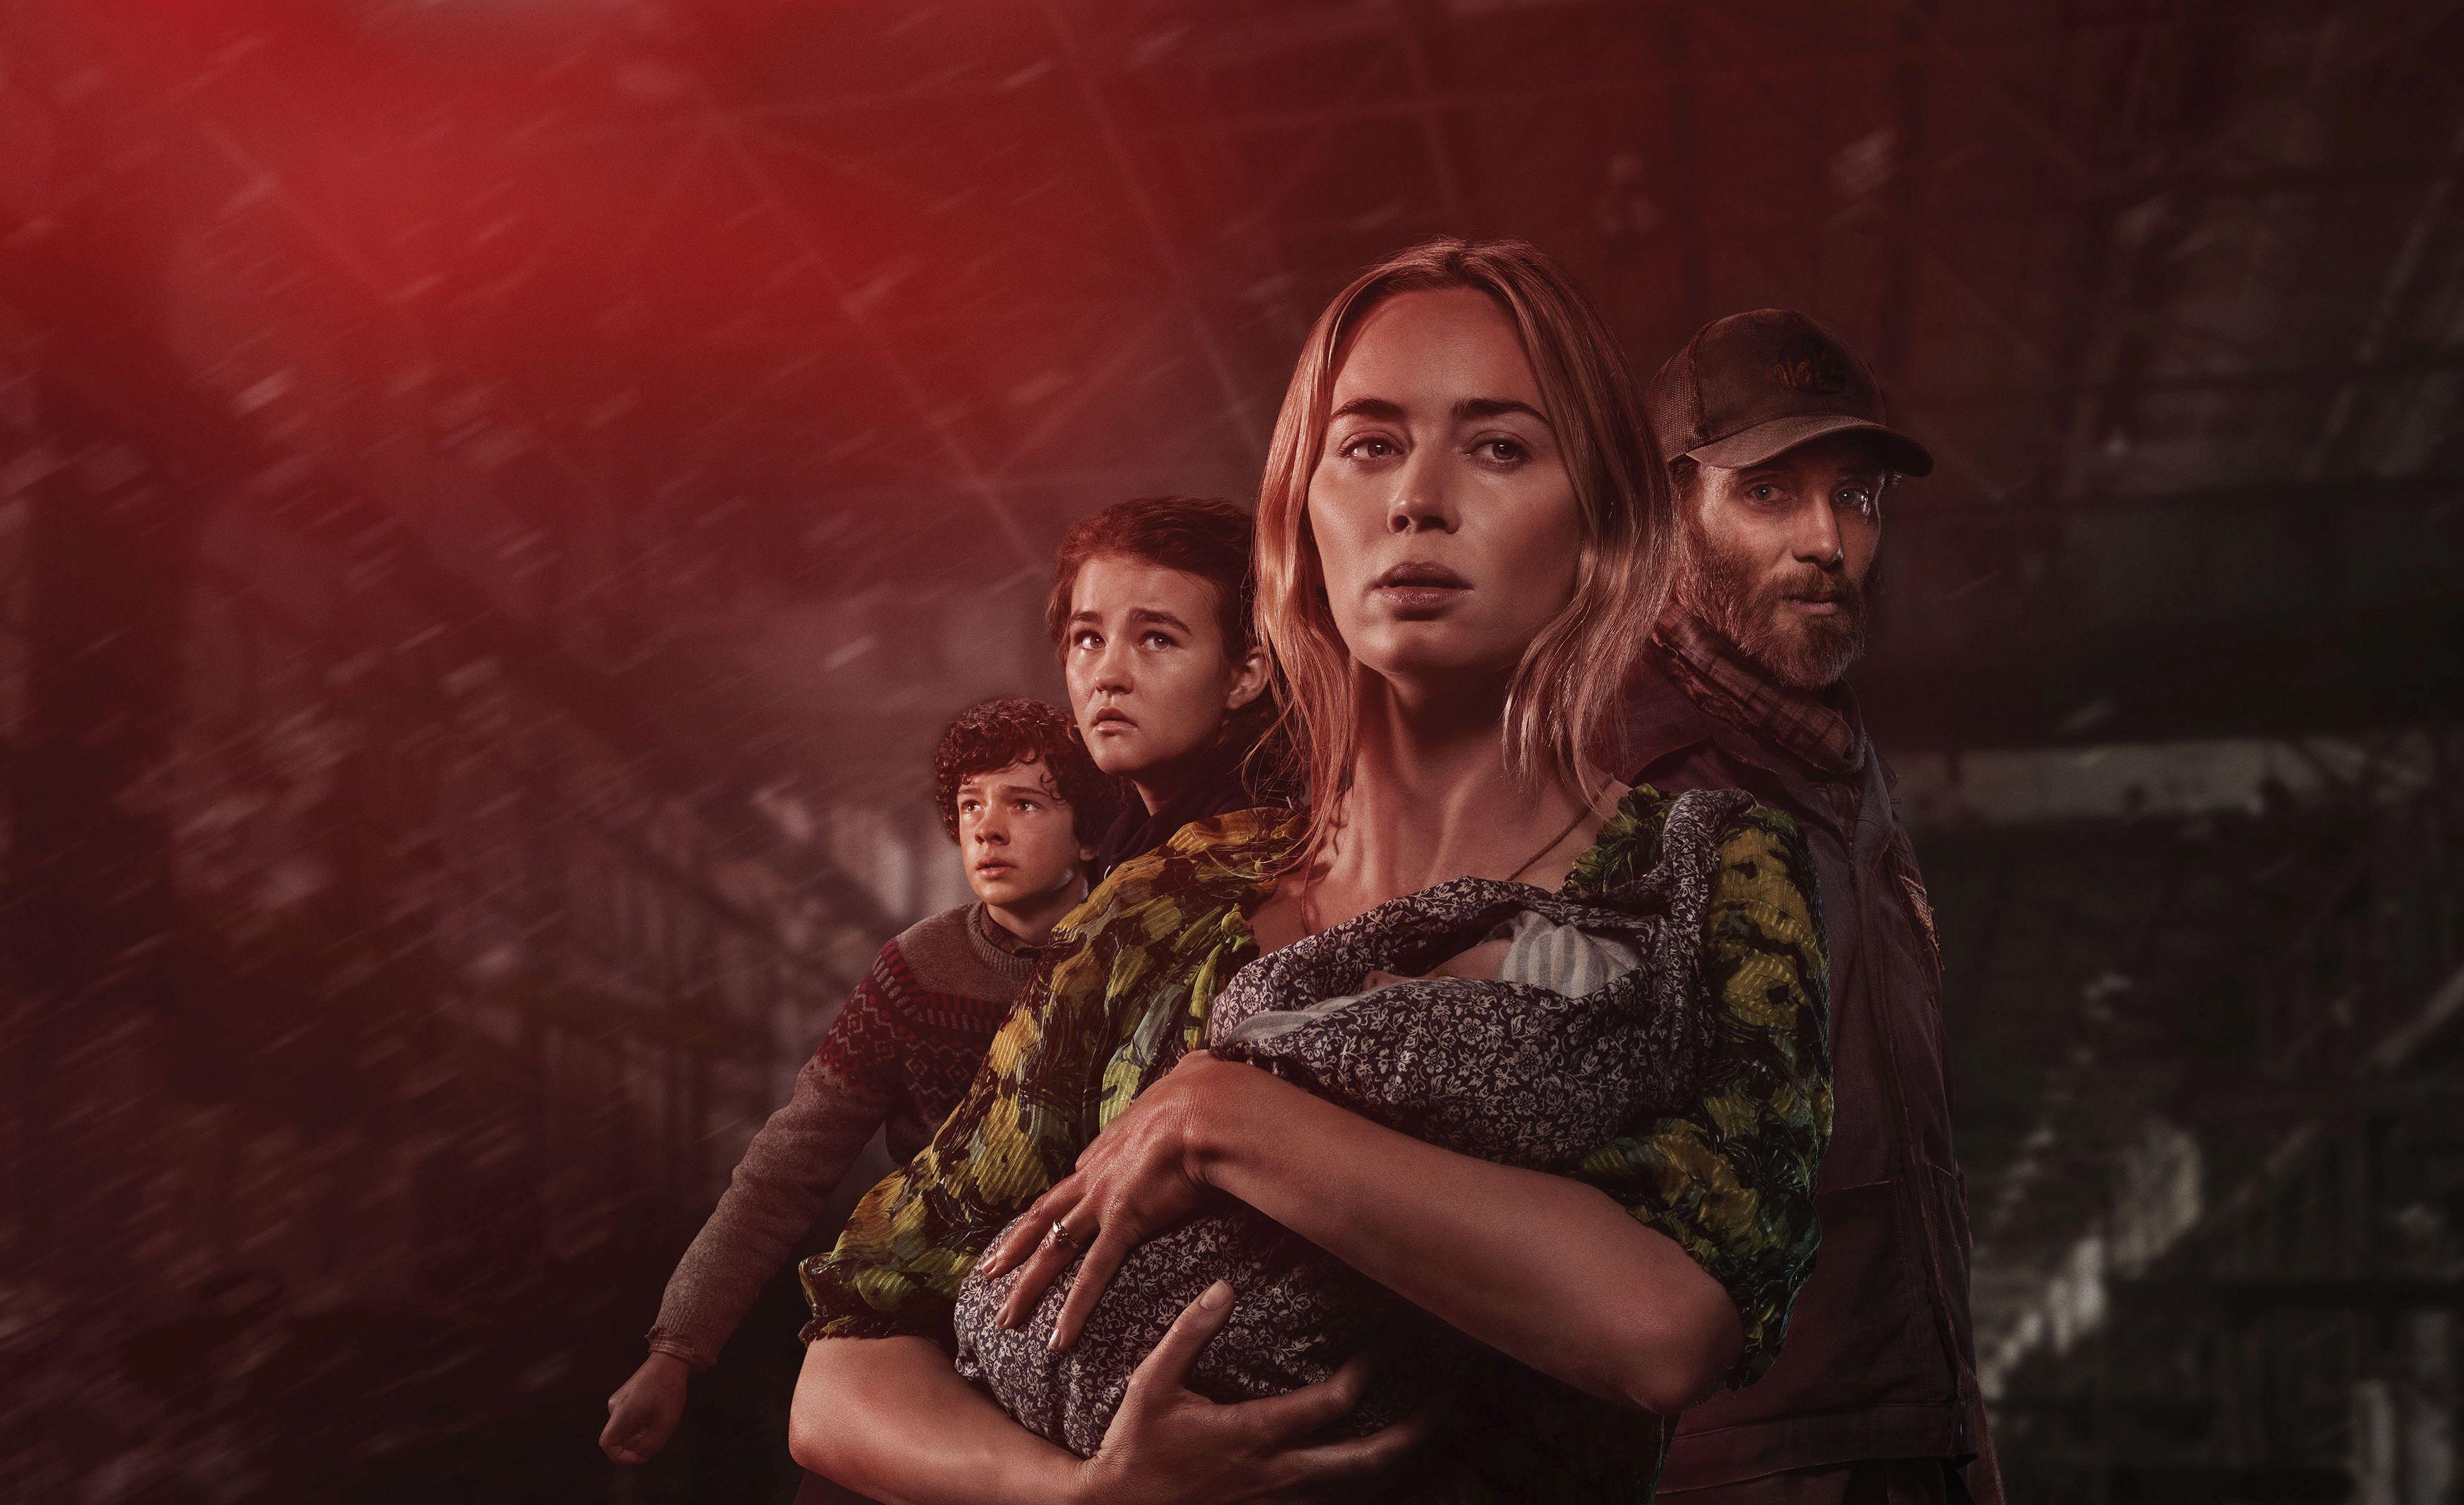 A quiet place 2, primul film realizat în pandemie care reușește să facă încasări de peste 100 de milioane de dolari